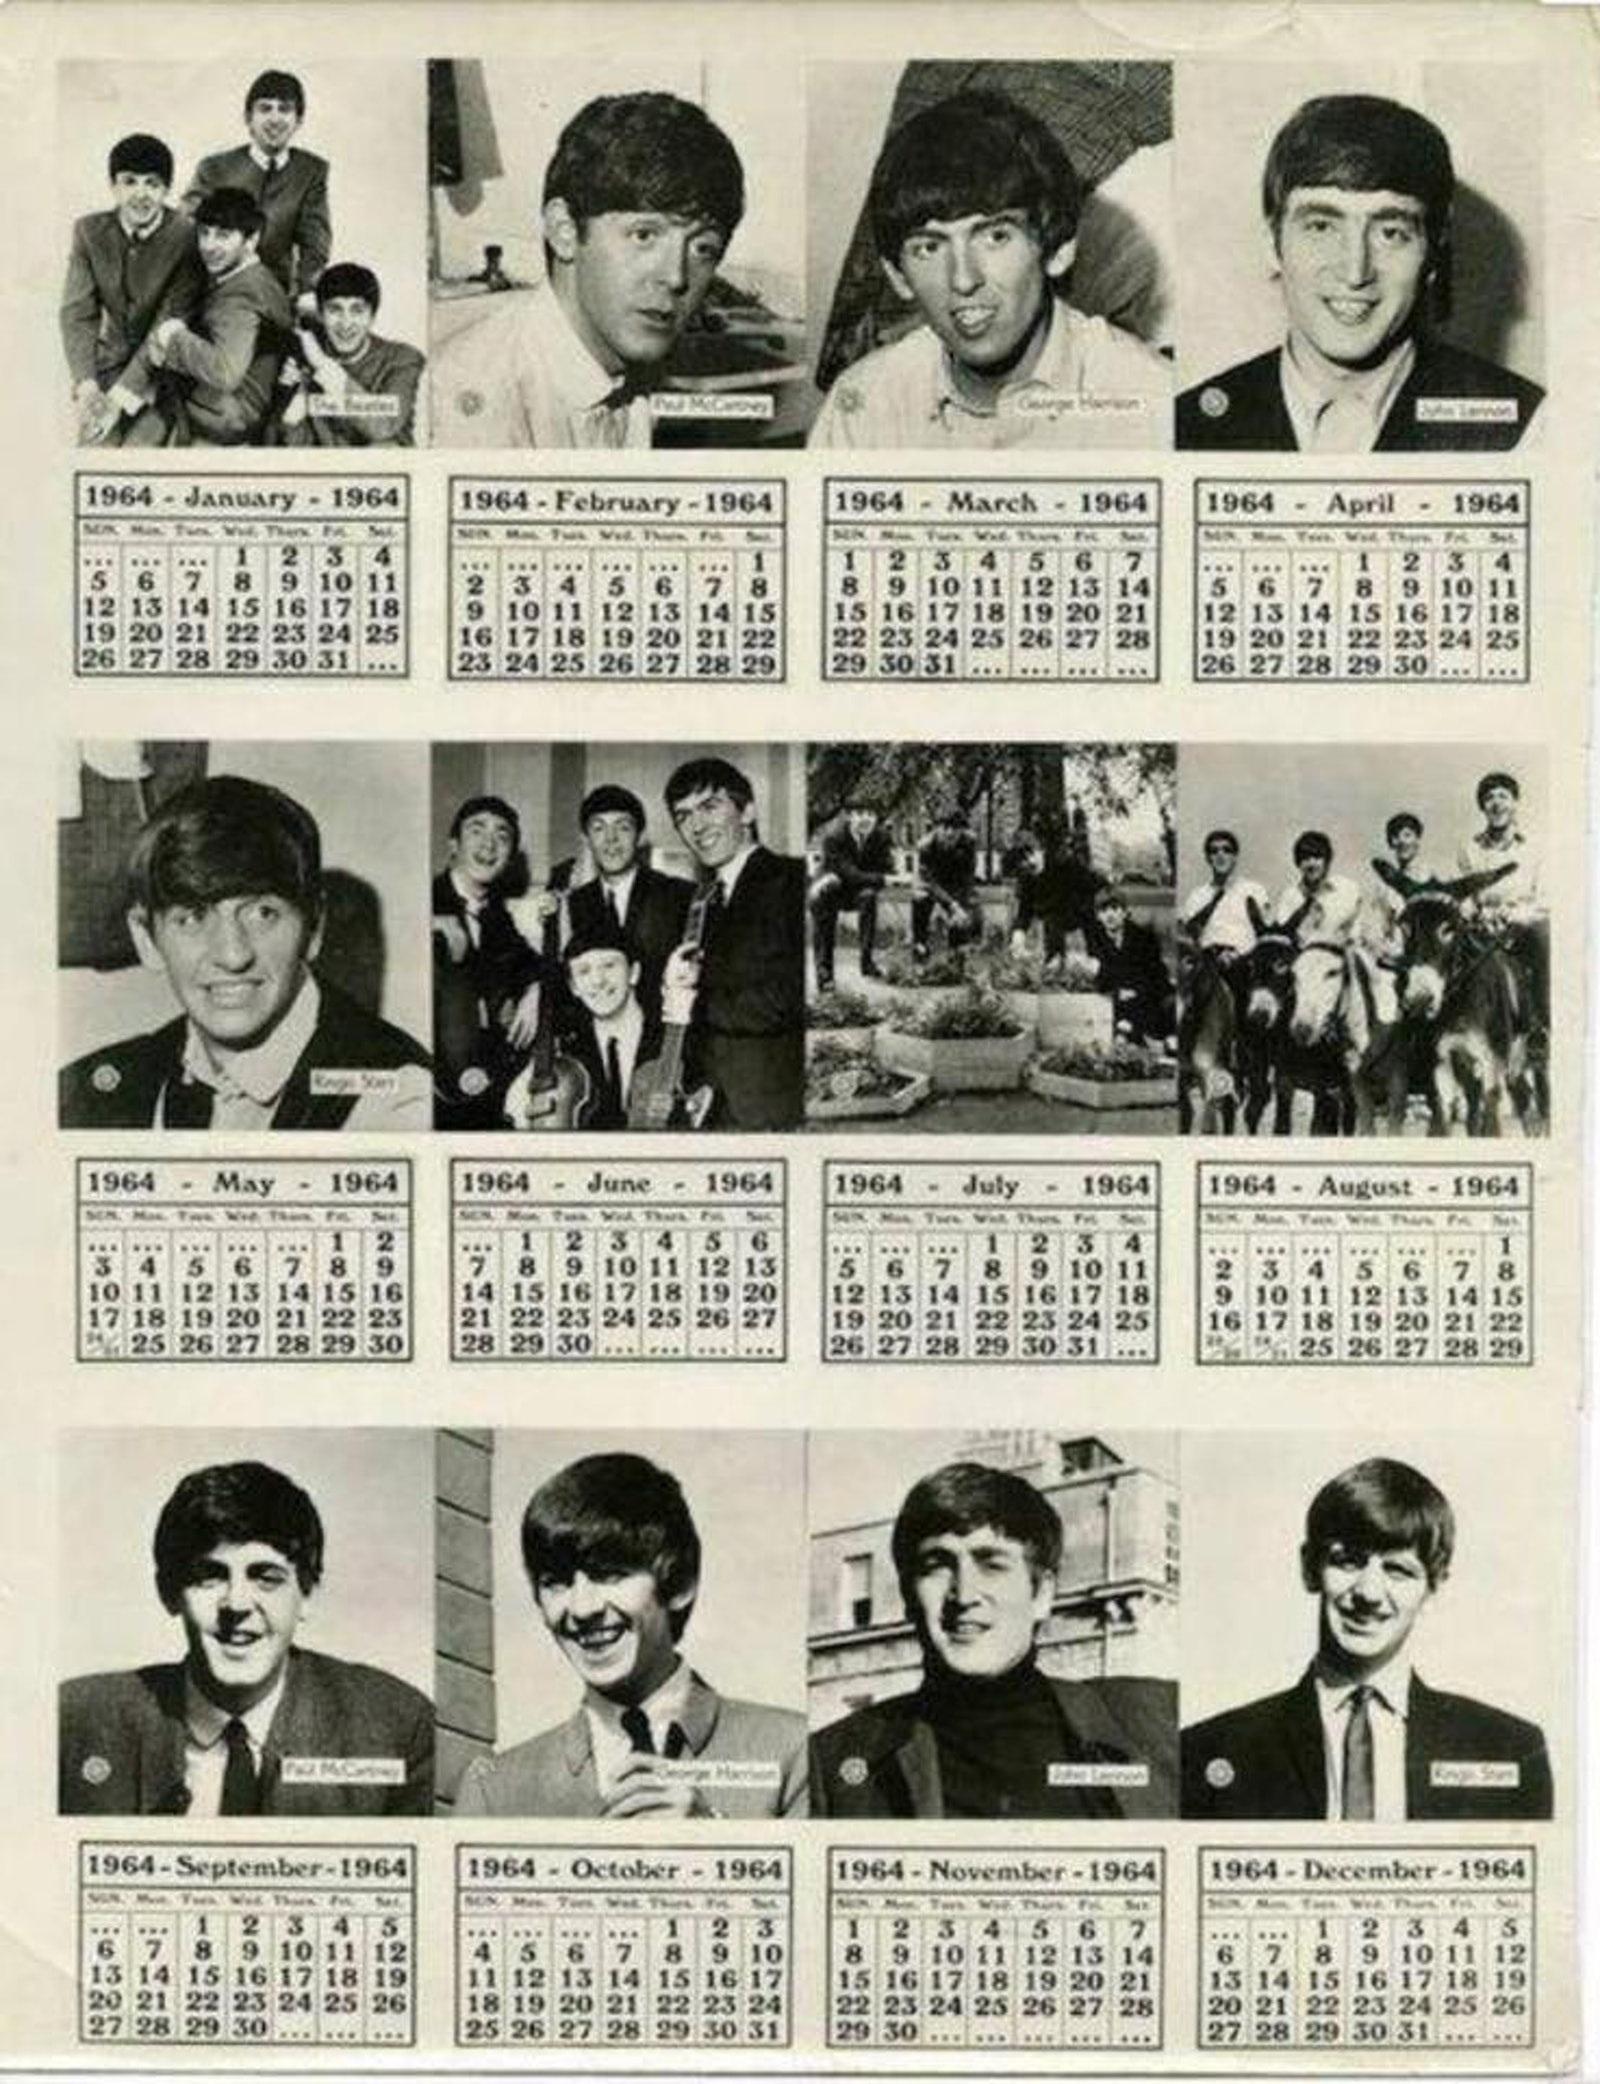 老旧的日历上可见披头四成员们的照片,让不少网民感概。